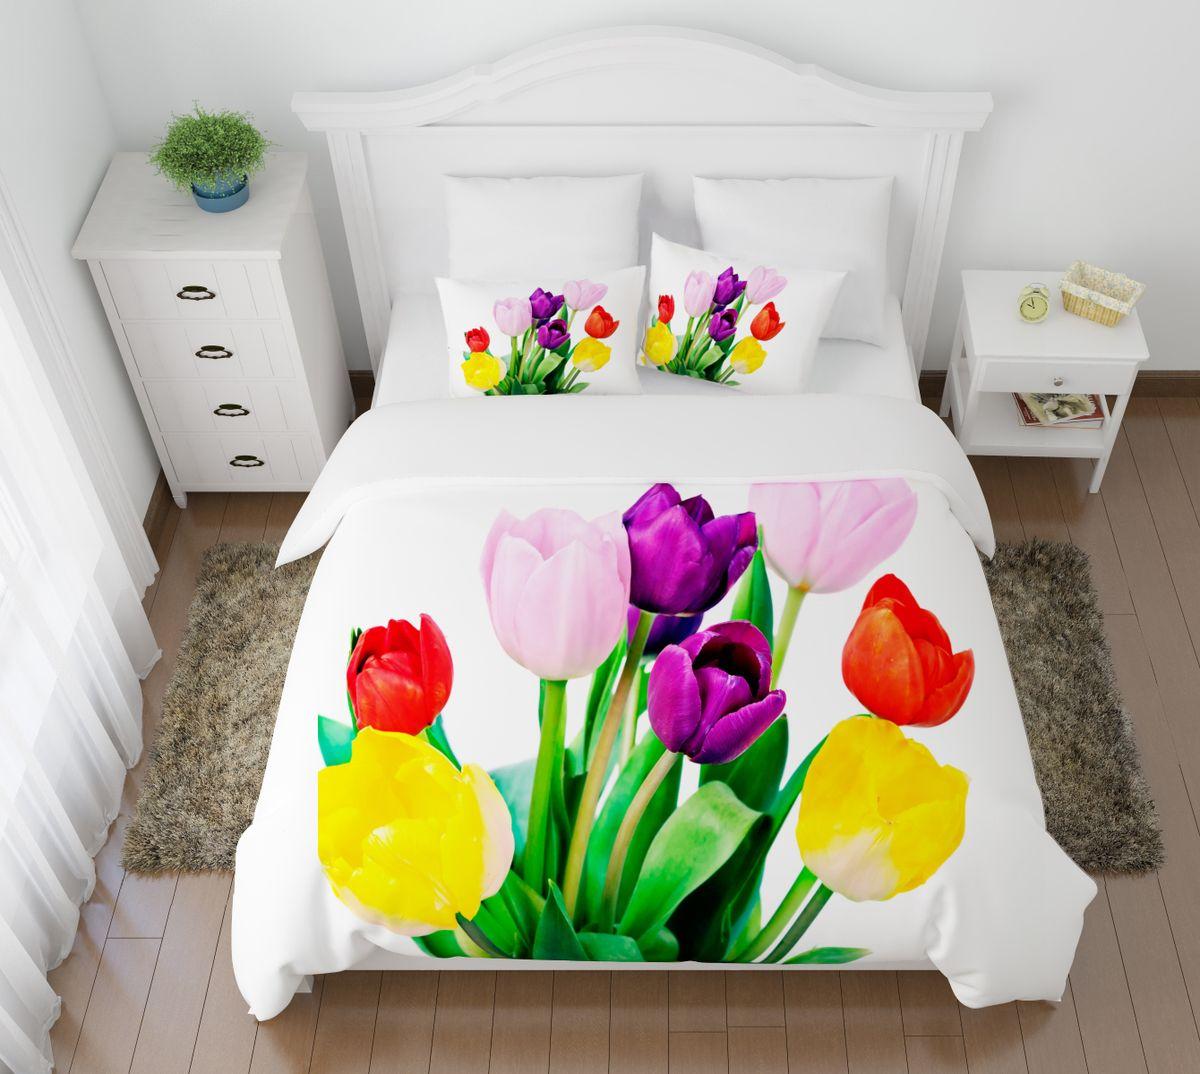 Комплект белья Сирень Весенние цветы, евро, наволочки 50x70, 70х70FA-5125 WhiteКомплект постельного белья Сирень выполнен из прочной и мягкой ткани. Четкий и стильный рисунок в сочетании с насыщенными красками делают комплект постельного белья неповторимой изюминкой любого интерьера.Постельное белье идеально подойдет для подарка. Идеальное соотношение смешенной ткани и гипоаллергенных красок - это гарантия здорового, спокойного сна. Ткань хорошо впитывает влагу, надолго сохраняет яркость красок.В комплект входят: простынь, пододеяльник, четыре наволочки. Постельное белье легко стирать при 30-40°С, гладить при 150°С, не отбеливать. Рекомендуется перед первым использованием постирать.УВАЖАЕМЫЕ КЛИЕНТЫ! Обращаем ваше внимание, что цвет простыни, пододеяльника, наволочки в комплектации может немного отличаться от представленного на фото.